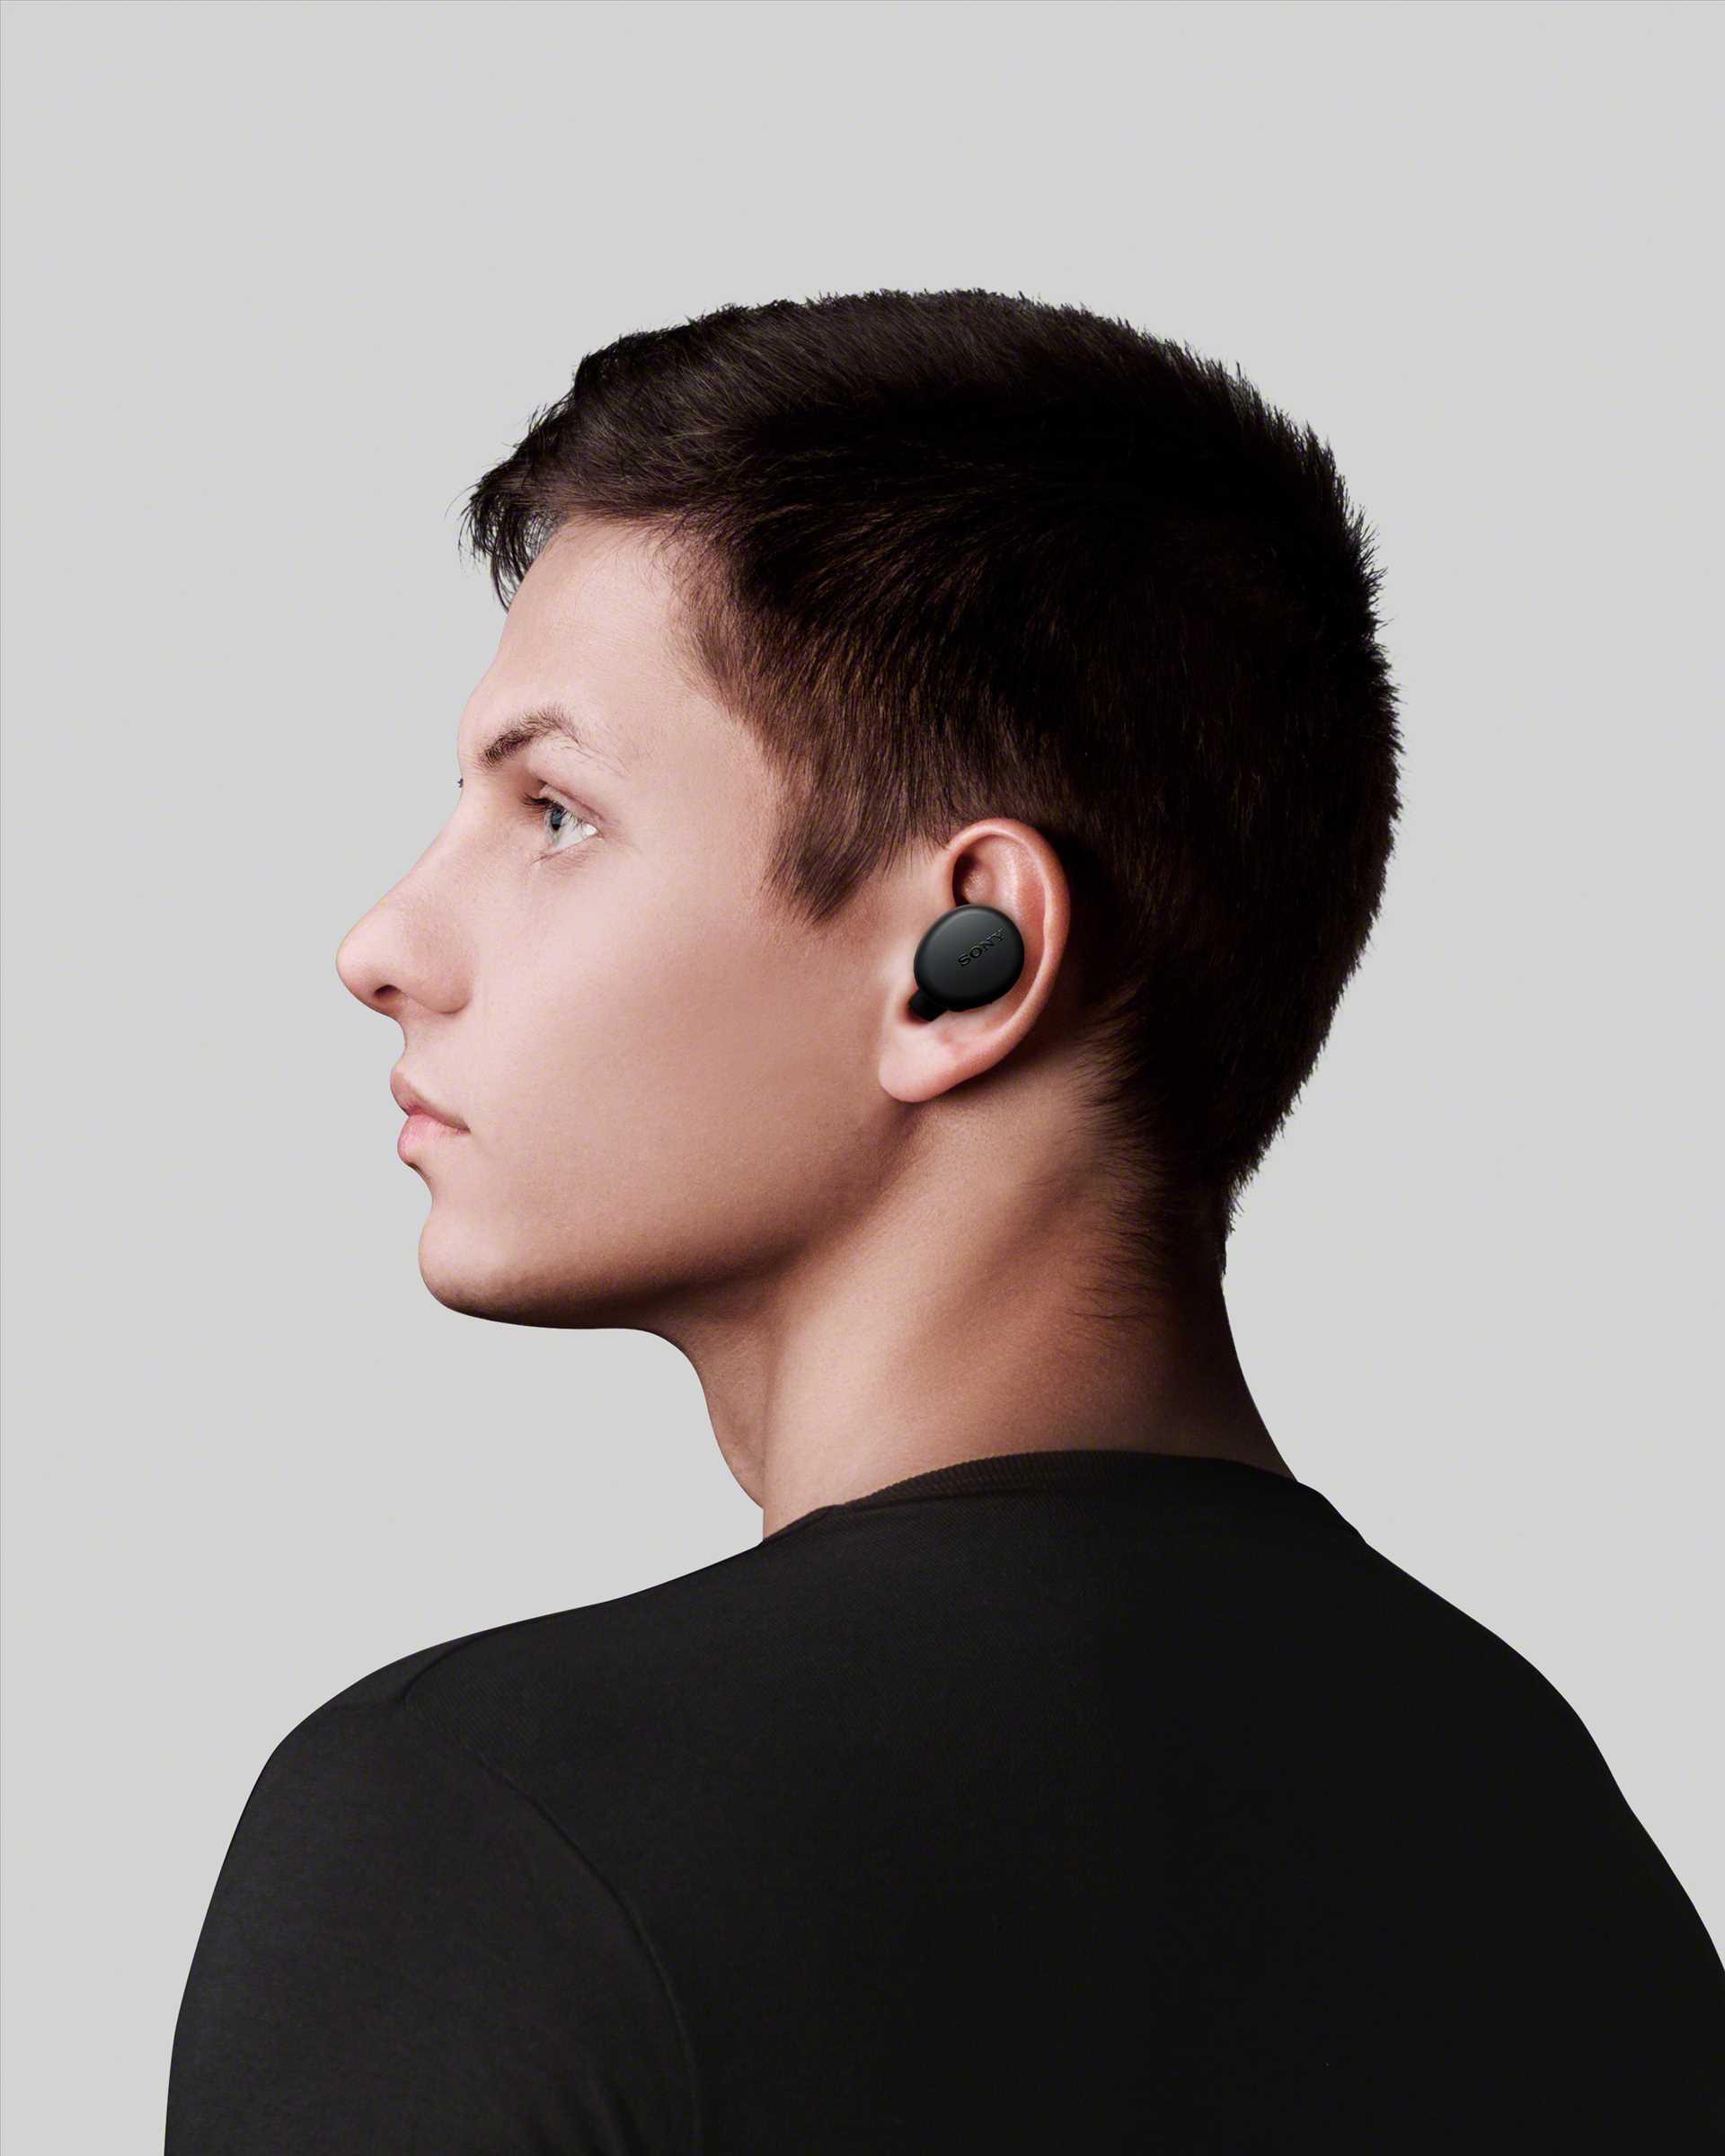 אוזניות Sony WF-XB700B True Wireless סוני שחורות - תמונה 11